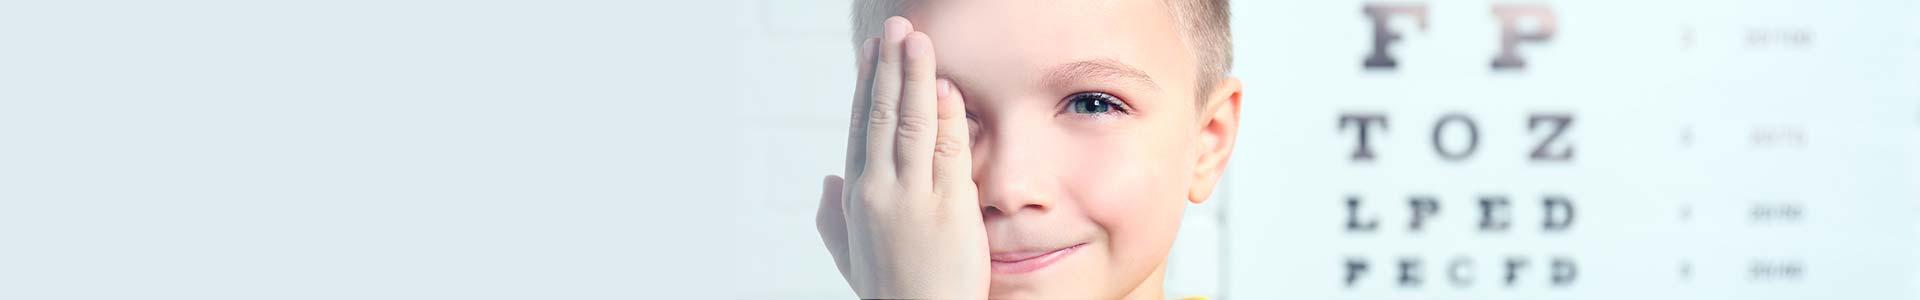 examen visual para niños